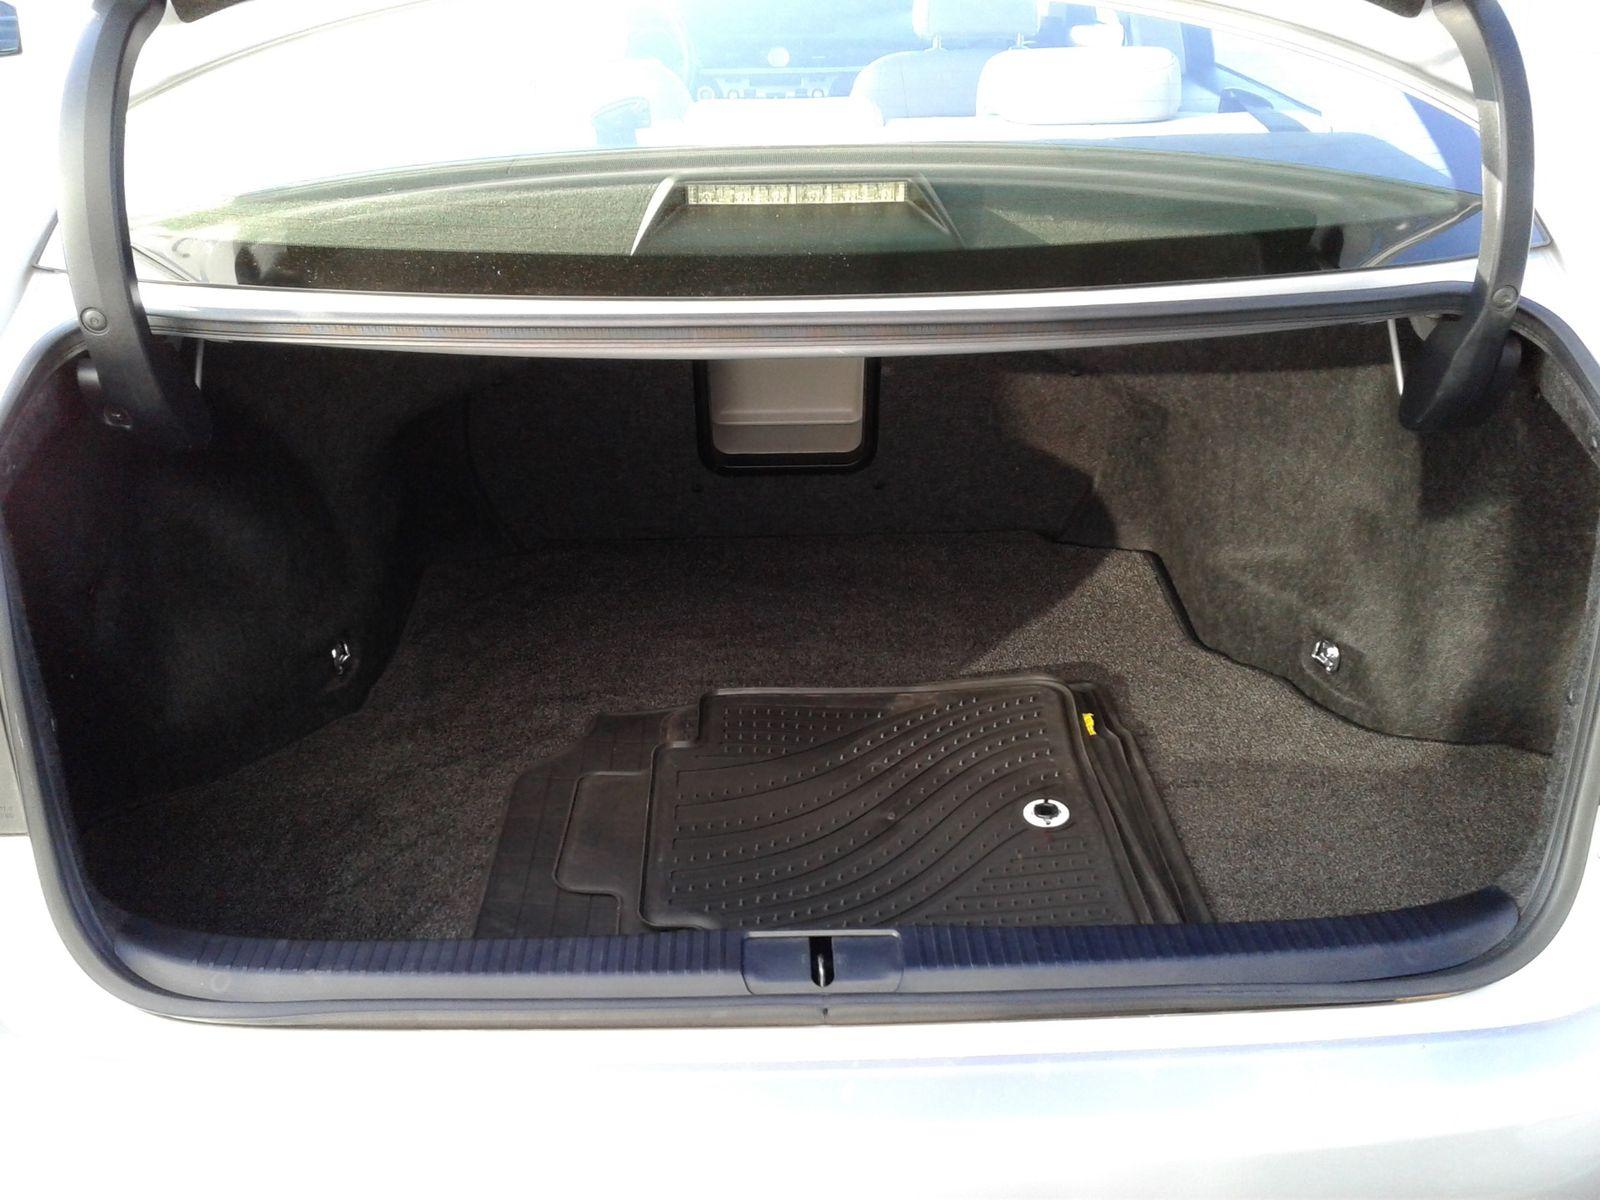 nfl jaguar bay car amazon l nongzi mats packers fanmats heavy green floor vinyl com co